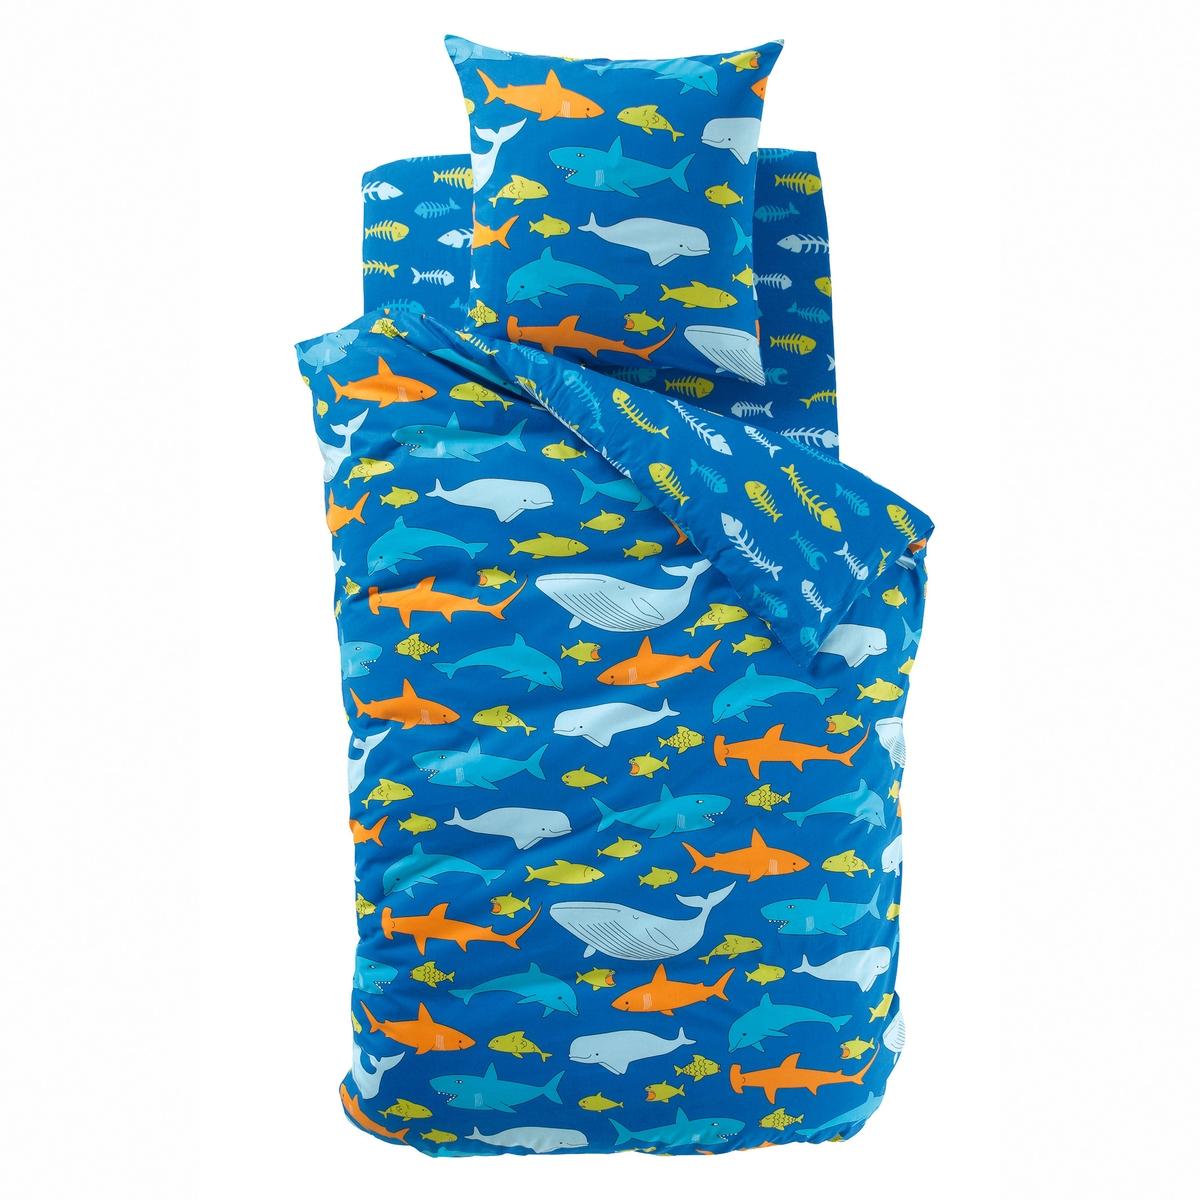 Пододеяльник детский, FISH GANG, 100% хлопкаСостав и описание:Материал: 100% хлопка плотного переплетения, 52 нити/см?. Чем больше нитей/см?, тем выше качество материала.Рисунок: лицевая сторона: рисунок в виде синих, зеленых и оранжевых рыб на темно-синем фоне. оборотная сторона: рисунок в виде рыбьих скелетов синего и зеленого цвета на темно-синем фоне. Уход: Стирка при 60°C.Знак Oeko-Tex® гарантирует, что товары прошли проверку и были изготовлены без применения вредных для здоровья человека веществ.Найдите наволочки и простынь той же расцветки на сайте  laredoute.ruРазмеры:140 x 200 см200 х 200 см<br><br>Цвет: синий/ оранжевый<br>Размер: 140 x 200  см.200 x 200  см